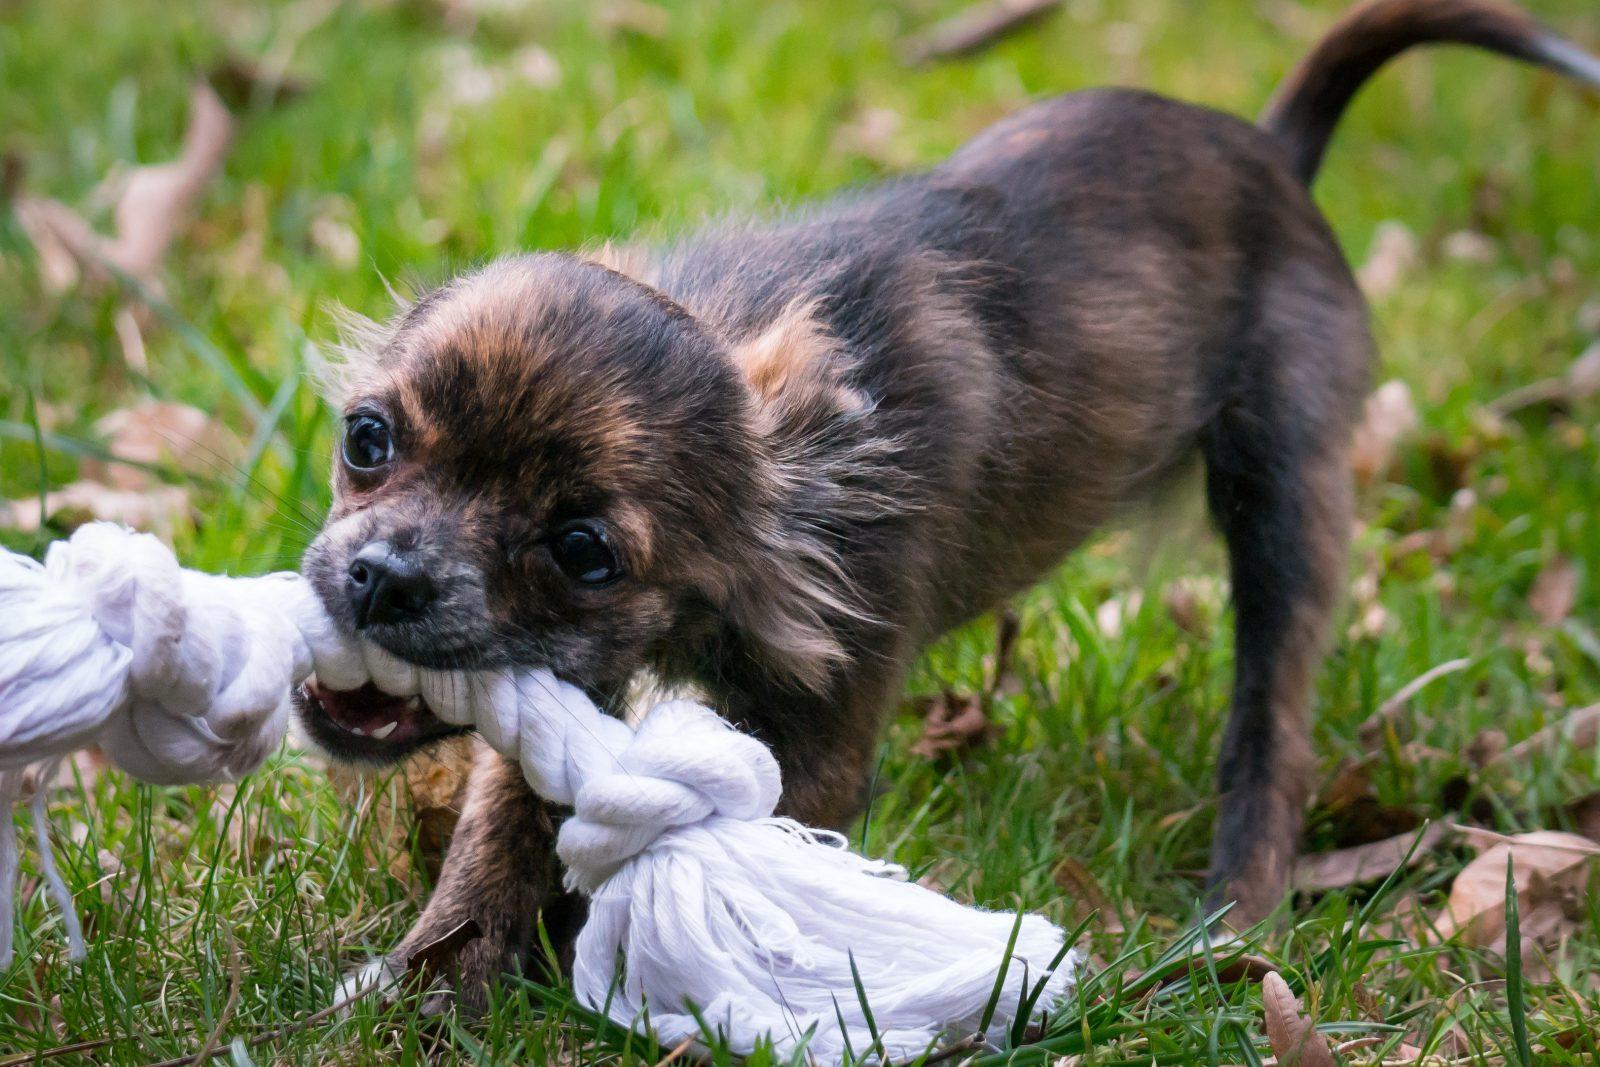 Fotos de cachorro vira lata: filhote sem raça definida brincando com brinquedo de corda maior que ele.